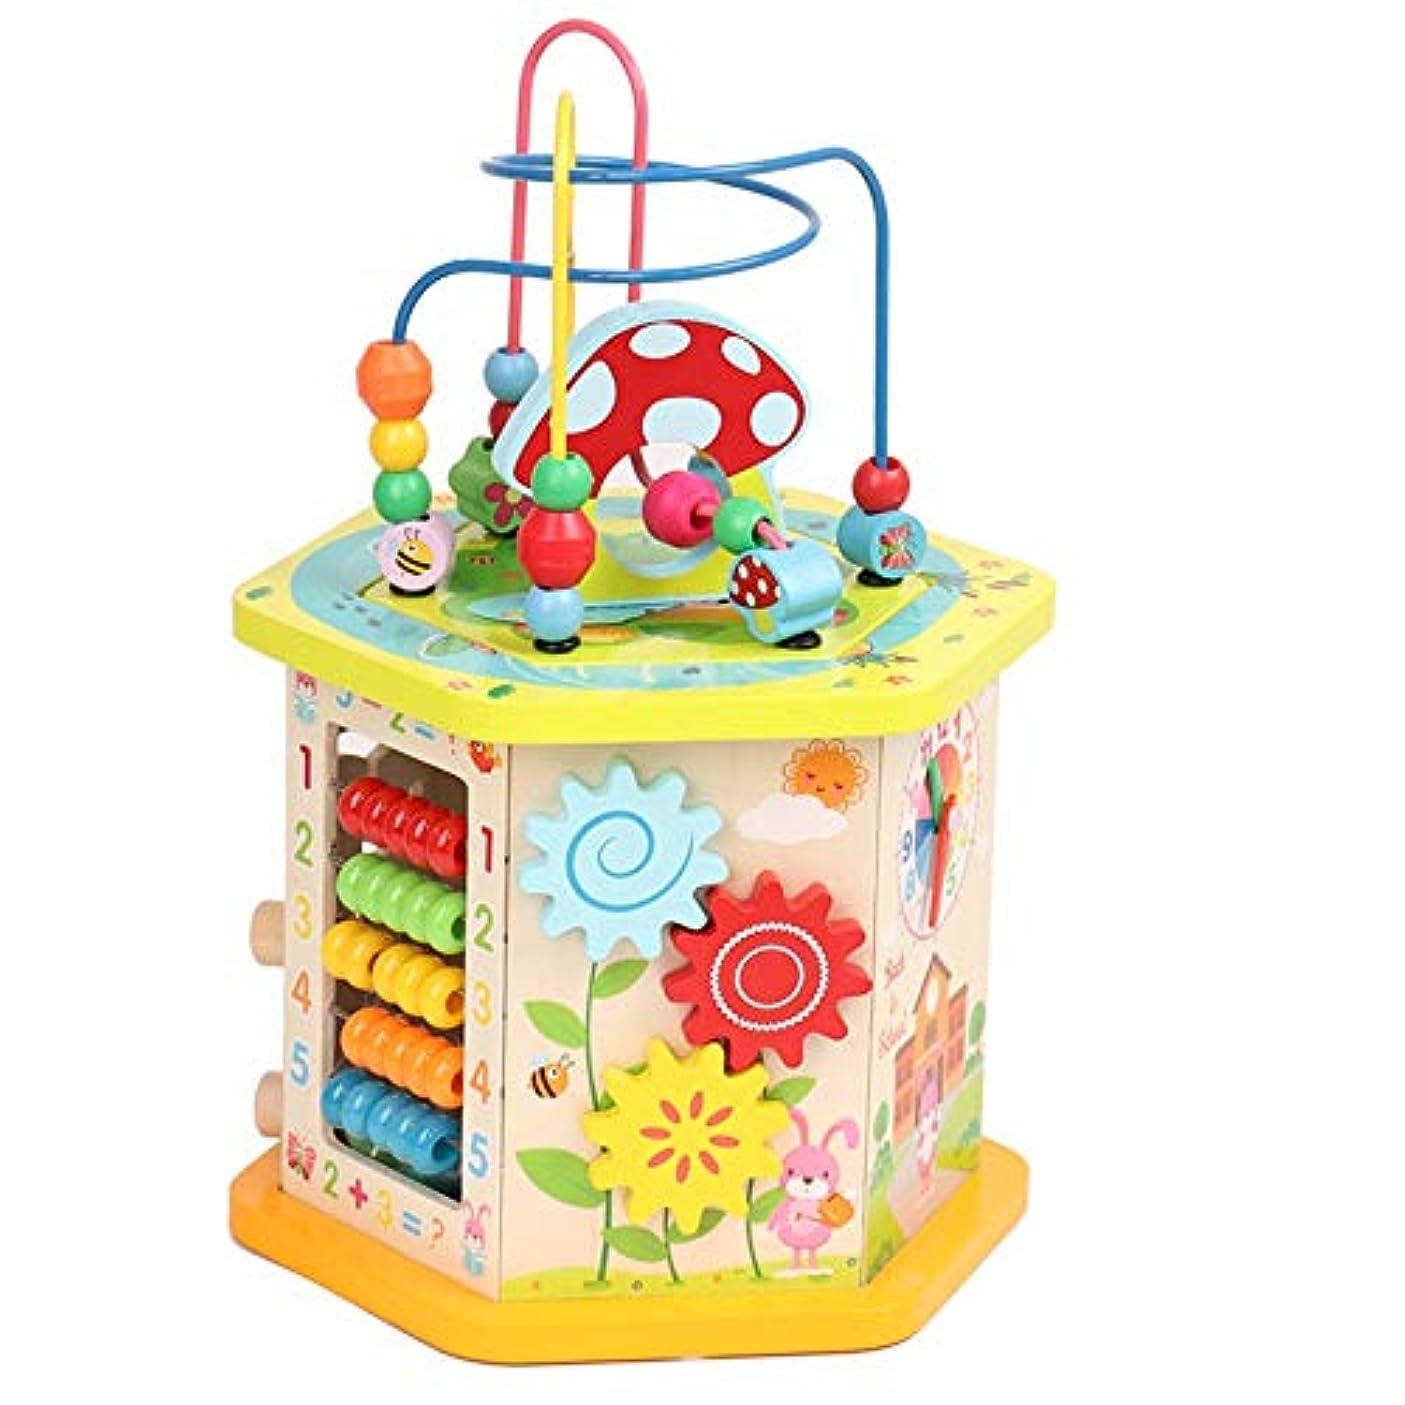 中毒有料フィードバックビーズコースター ルーピング パズル木製おもちゃ知的玩具赤ちゃんの早期教育六面体教育玩具、1-12男の子と女の子のためのギフトをビーズ (色 : マルチカラー, サイズ : 35x21cm)